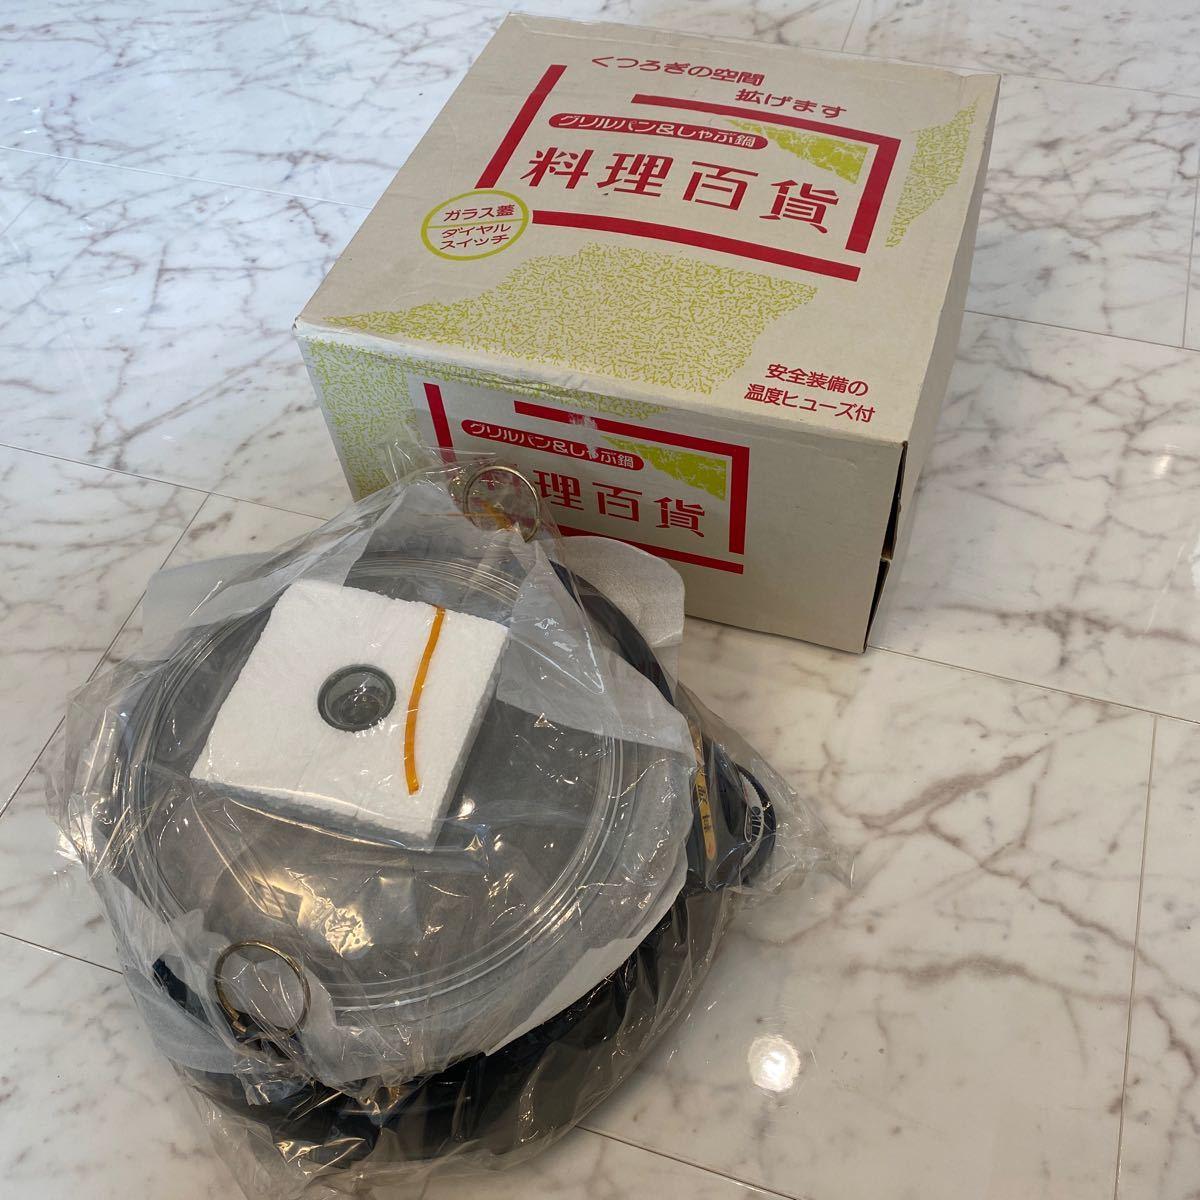 料理百貨 グリルパン プレート 内鍋 着脱式 ガラス蓋付き 温度調節ダイヤル式 説明書付き 値下げしました